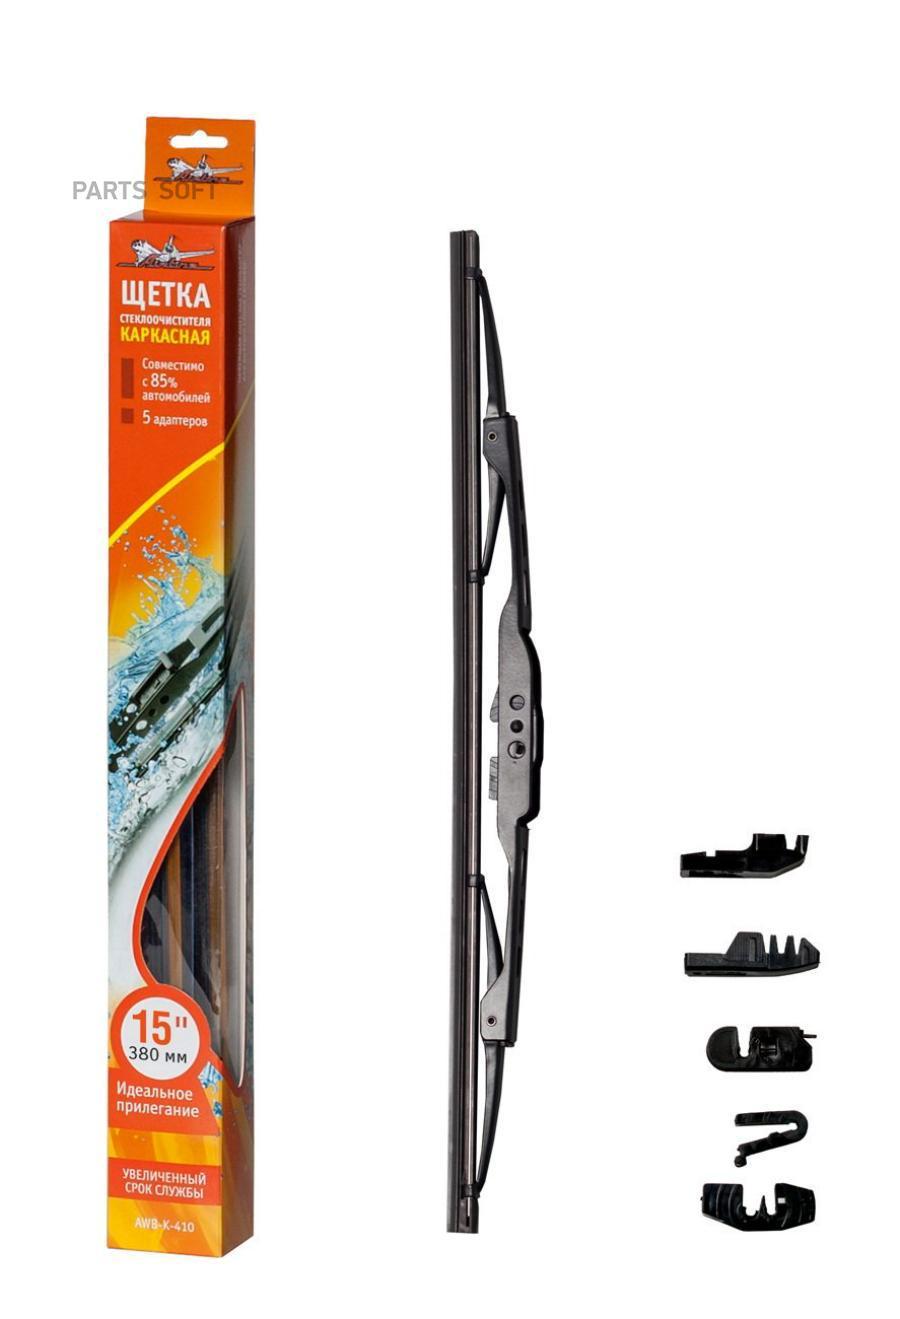 Щетка стеклоочистителя каркасная 380 мм (15)